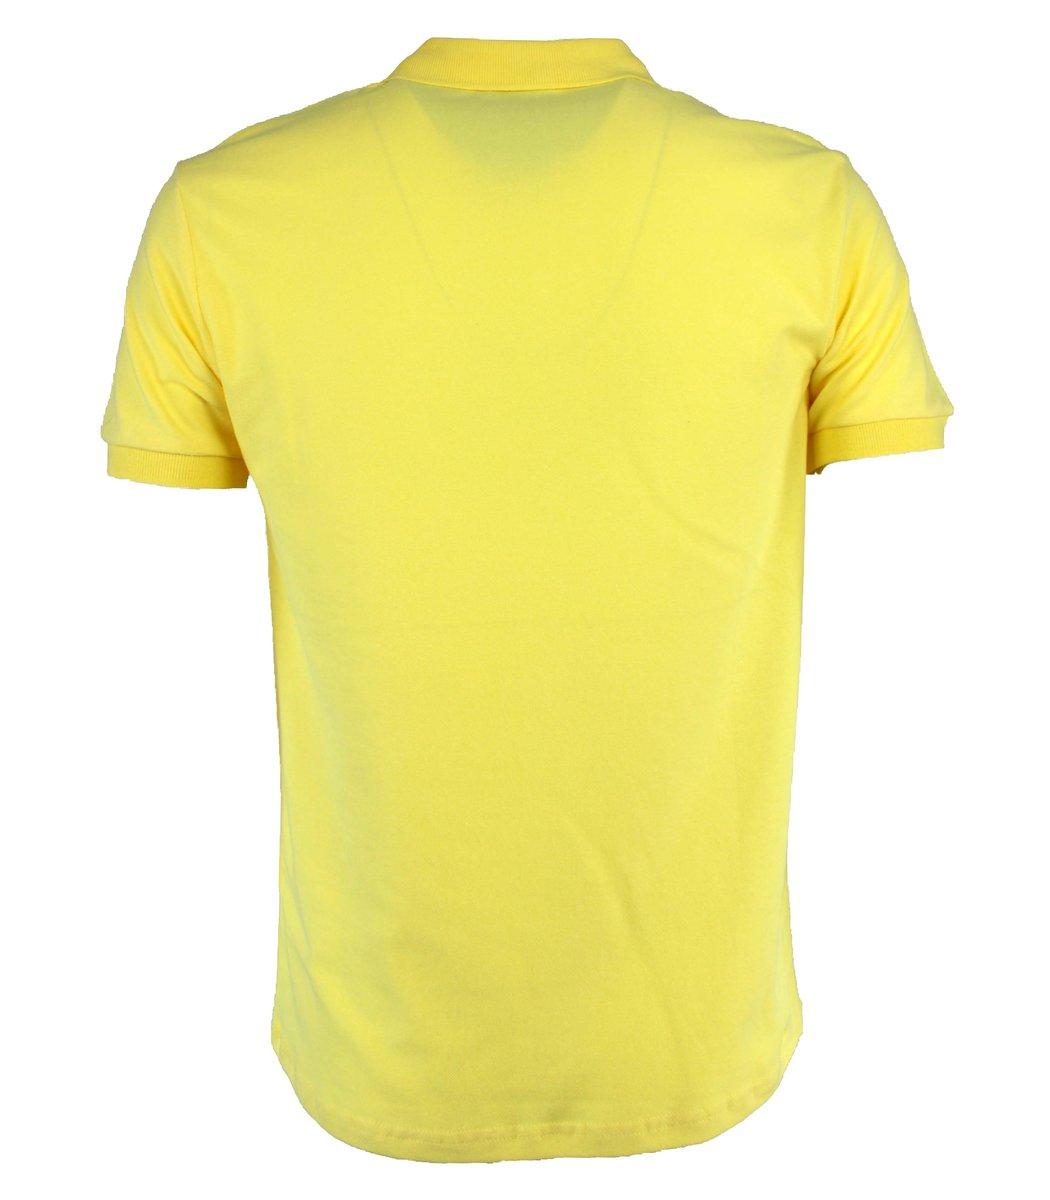 Жёлтая футболка поло Ralph Lauren R11